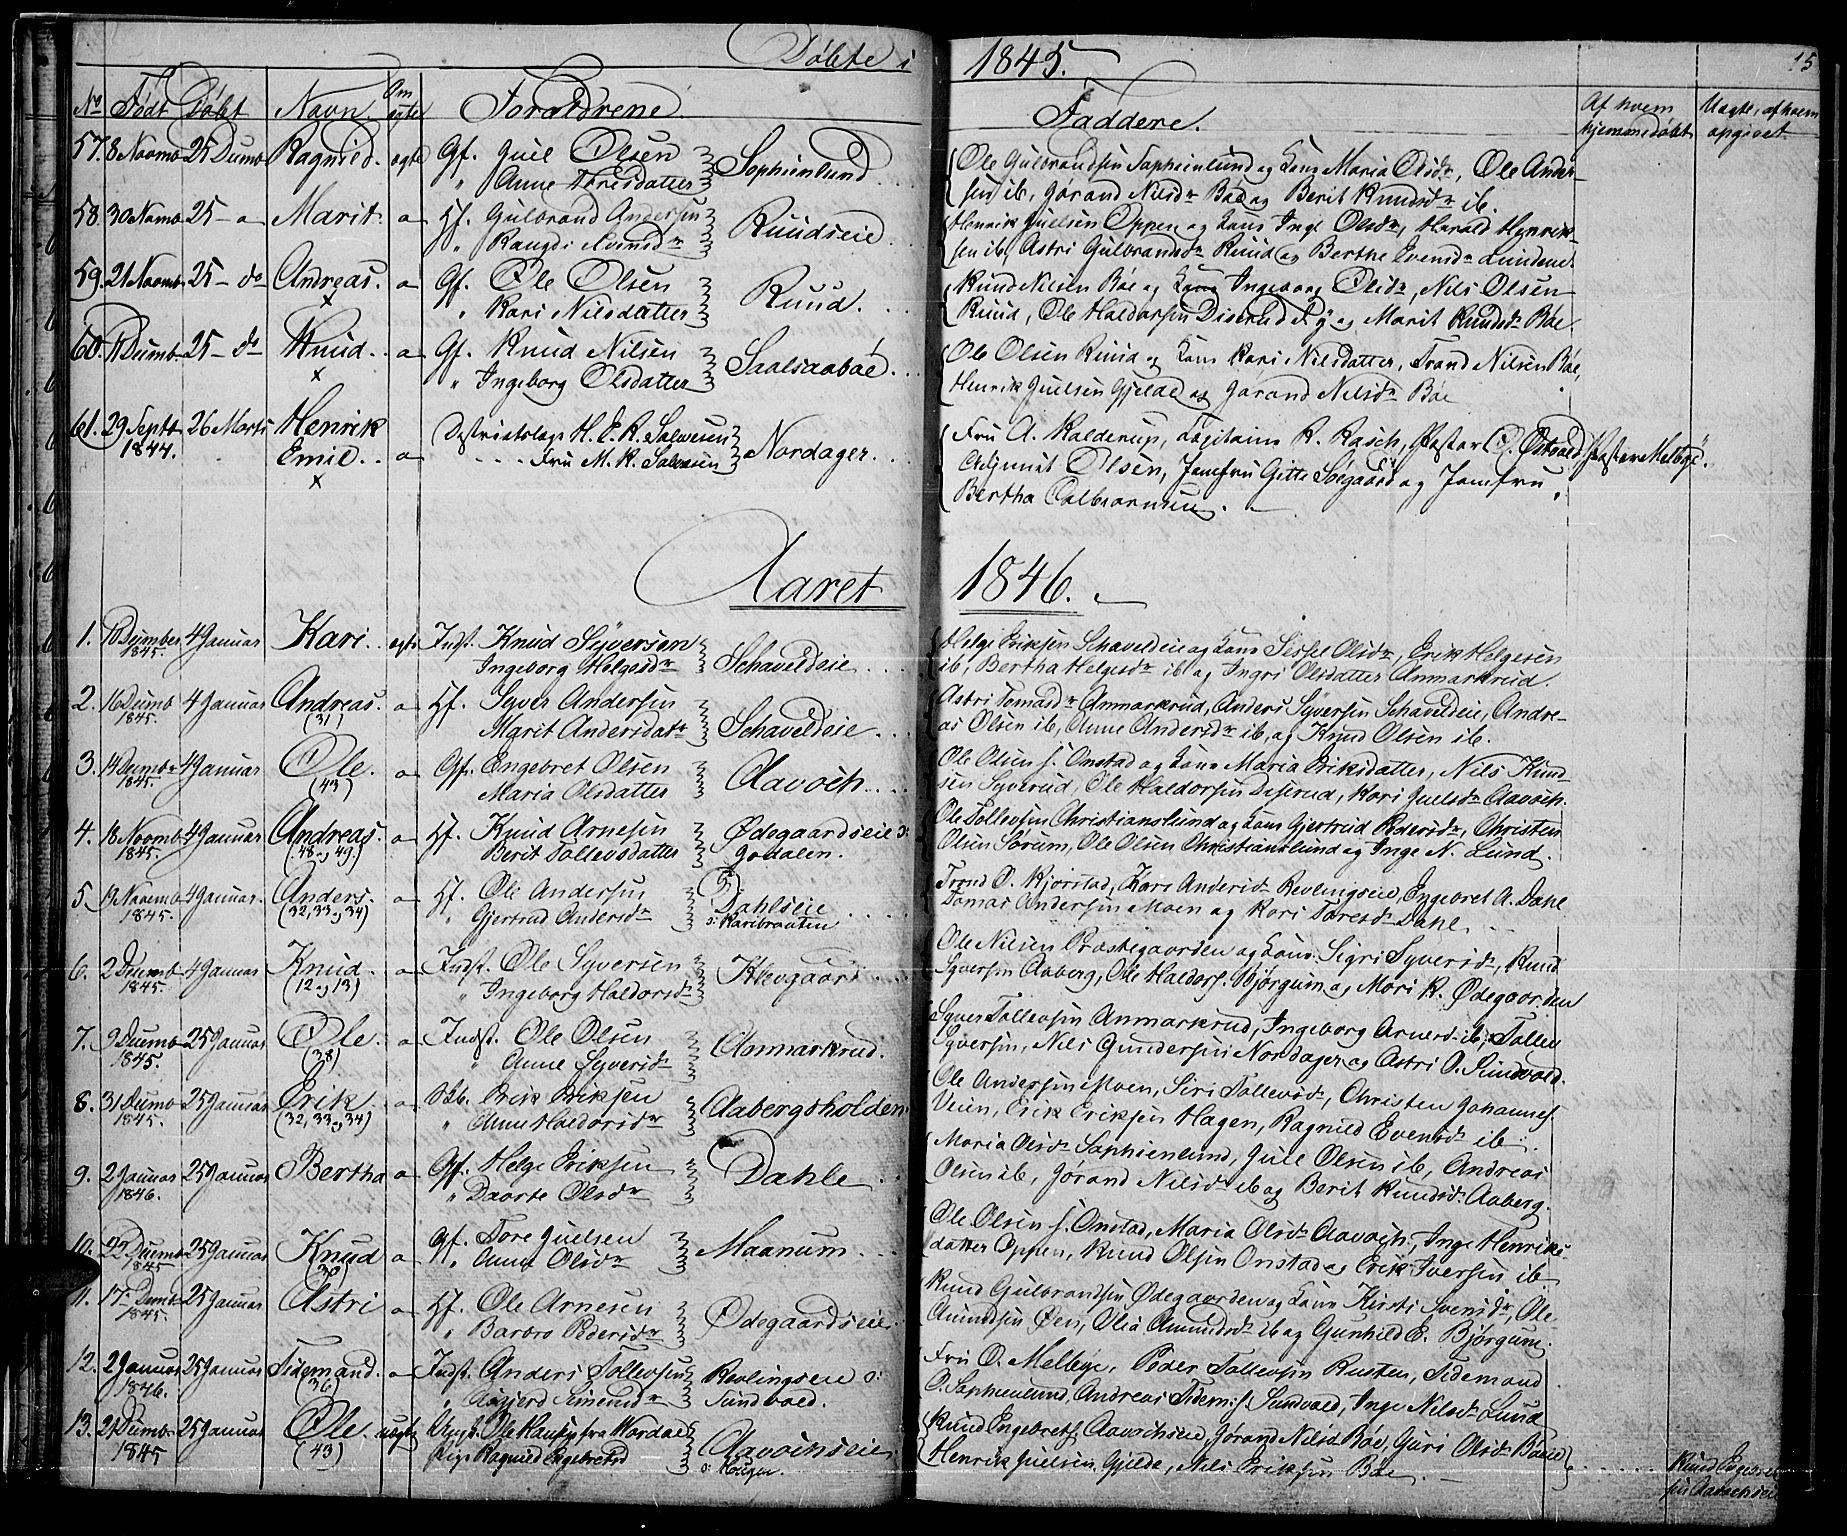 SAH, Nord-Aurdal prestekontor, Klokkerbok nr. 2, 1842-1877, s. 15